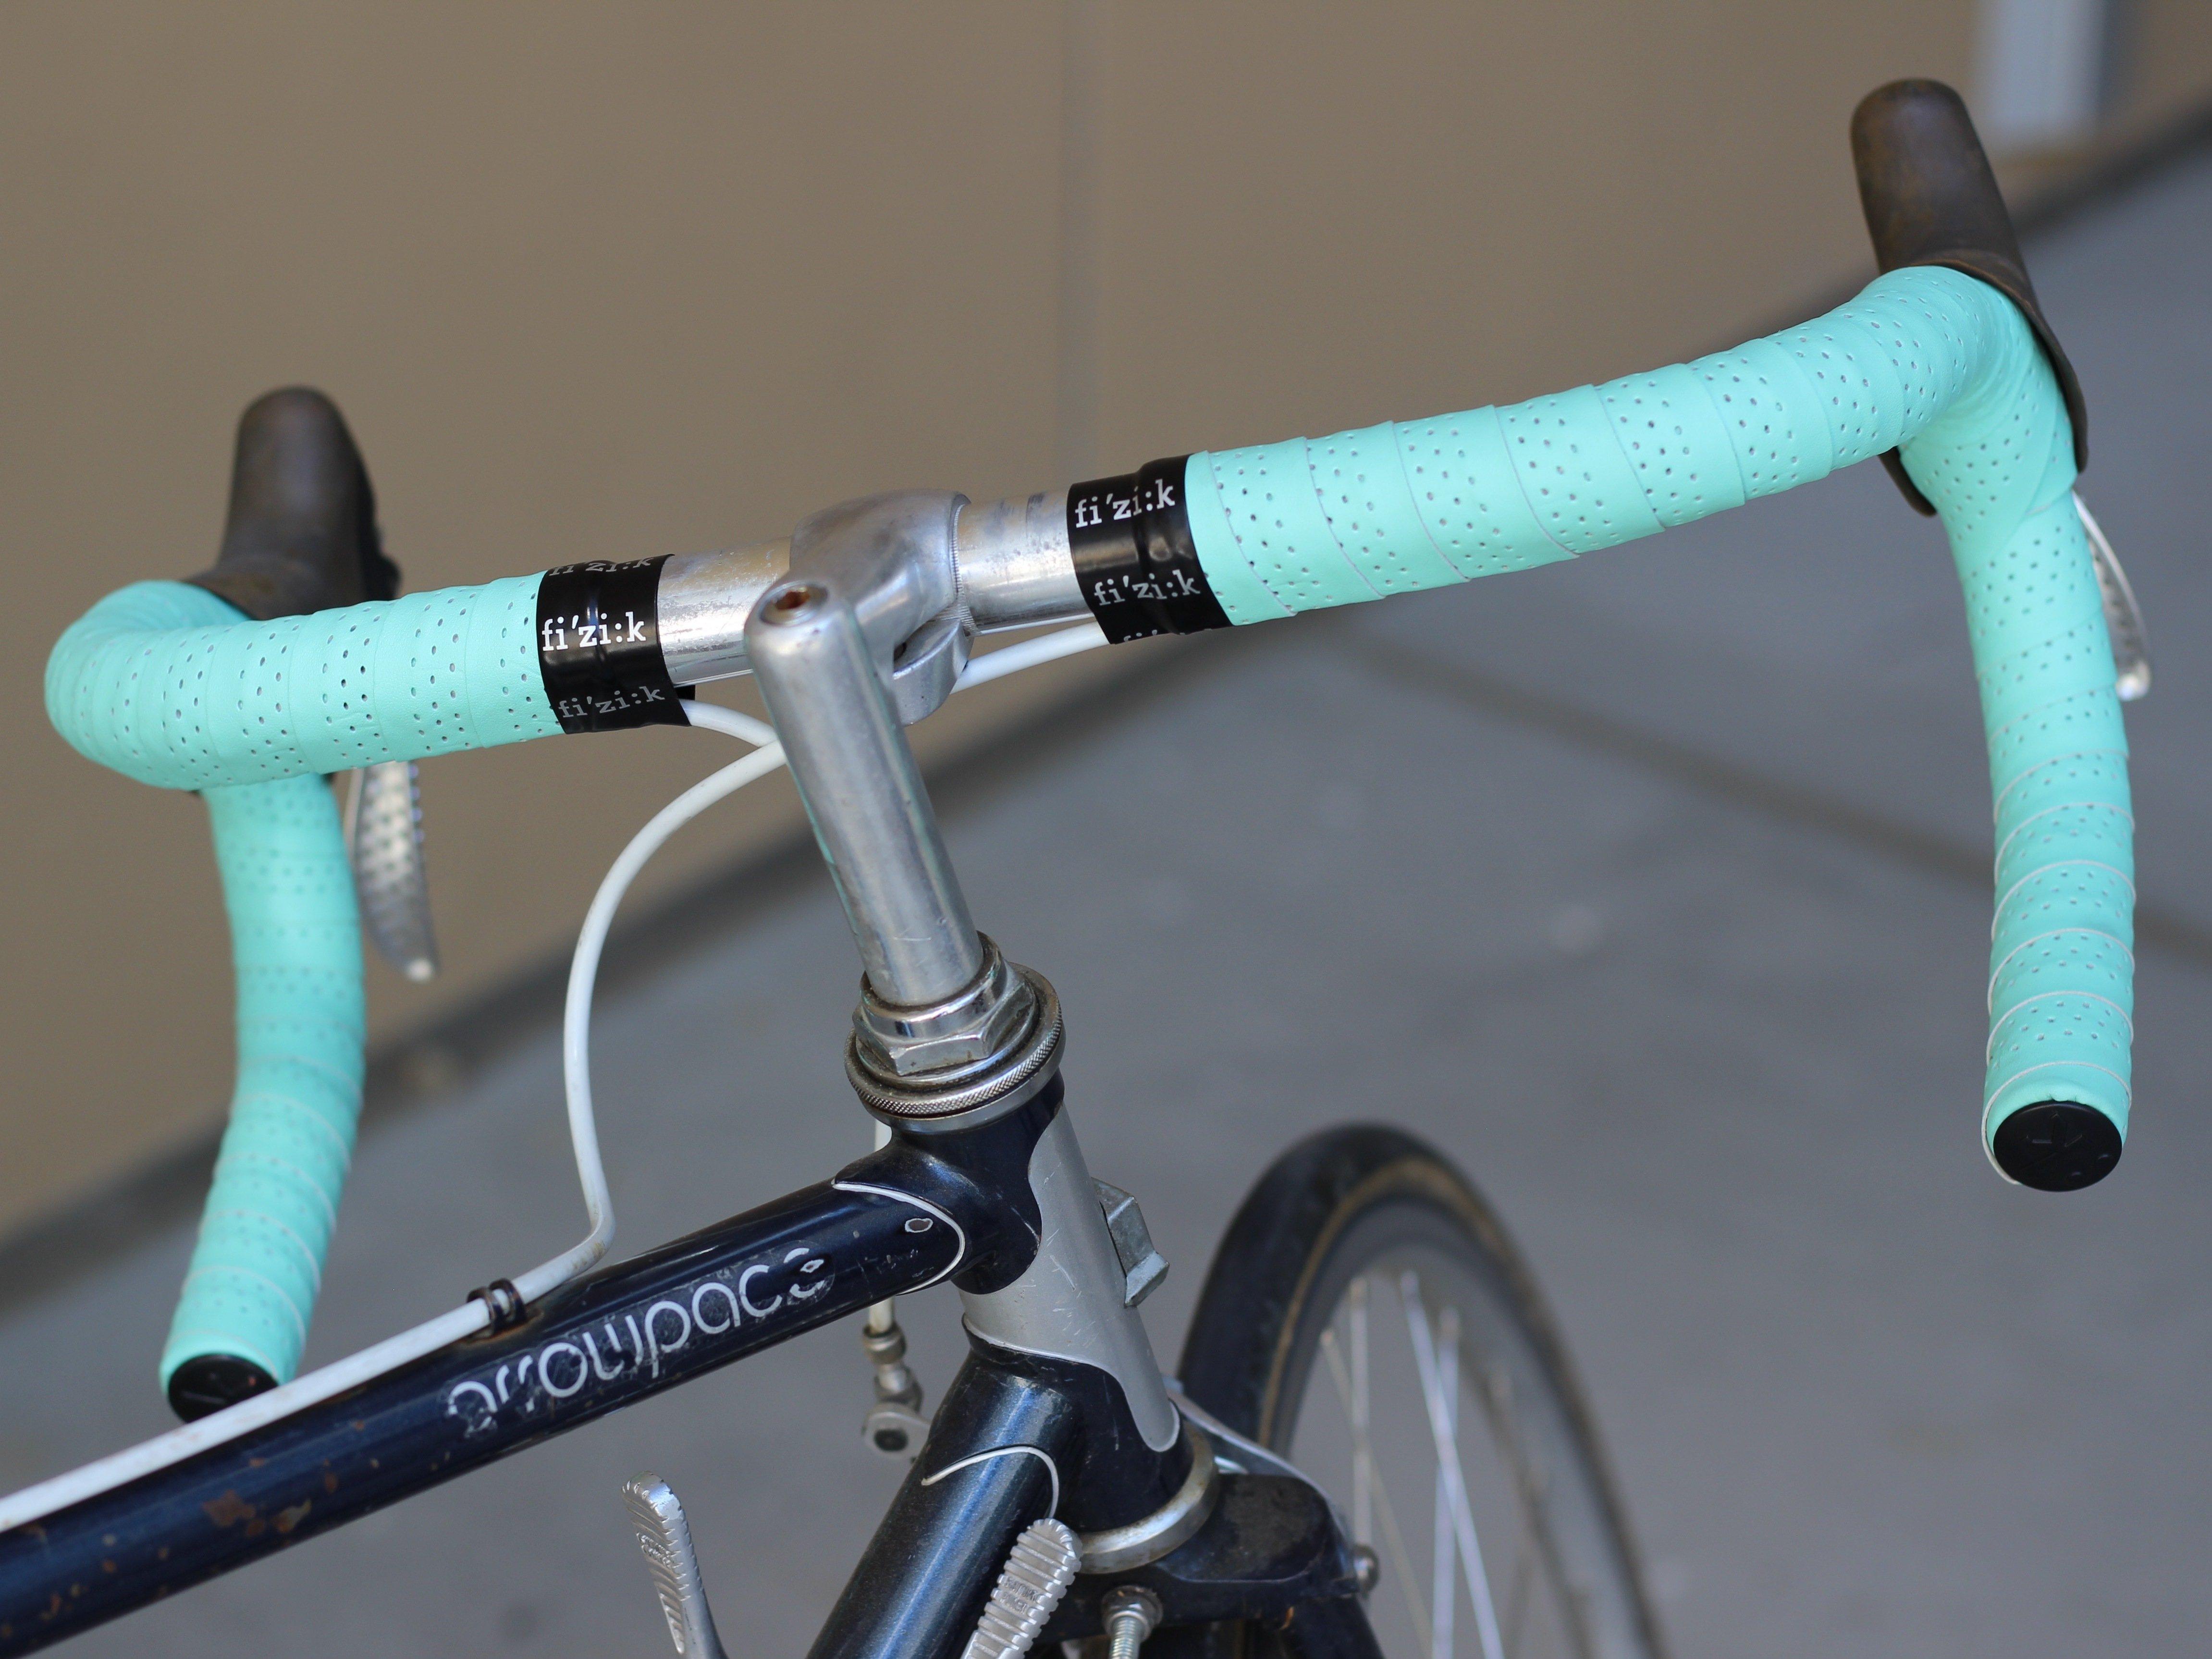 Install bar tape road bike — photo 1